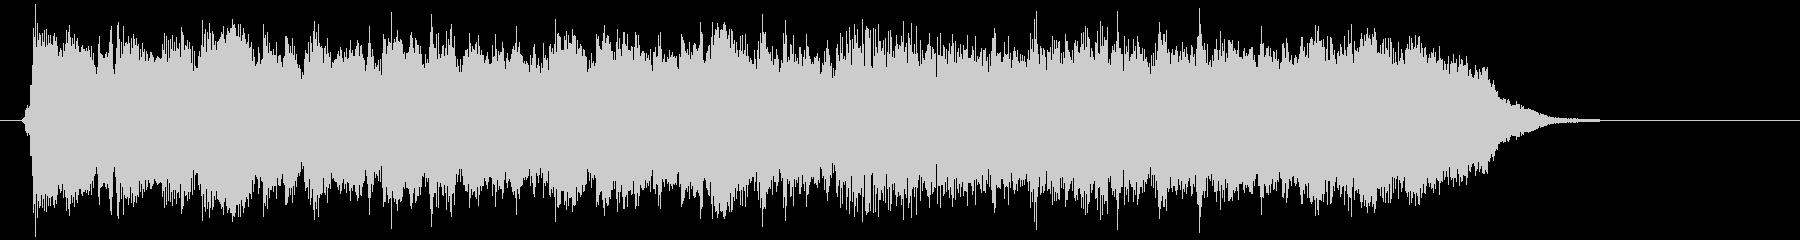 アコギが特徴的なロックのジングルの未再生の波形